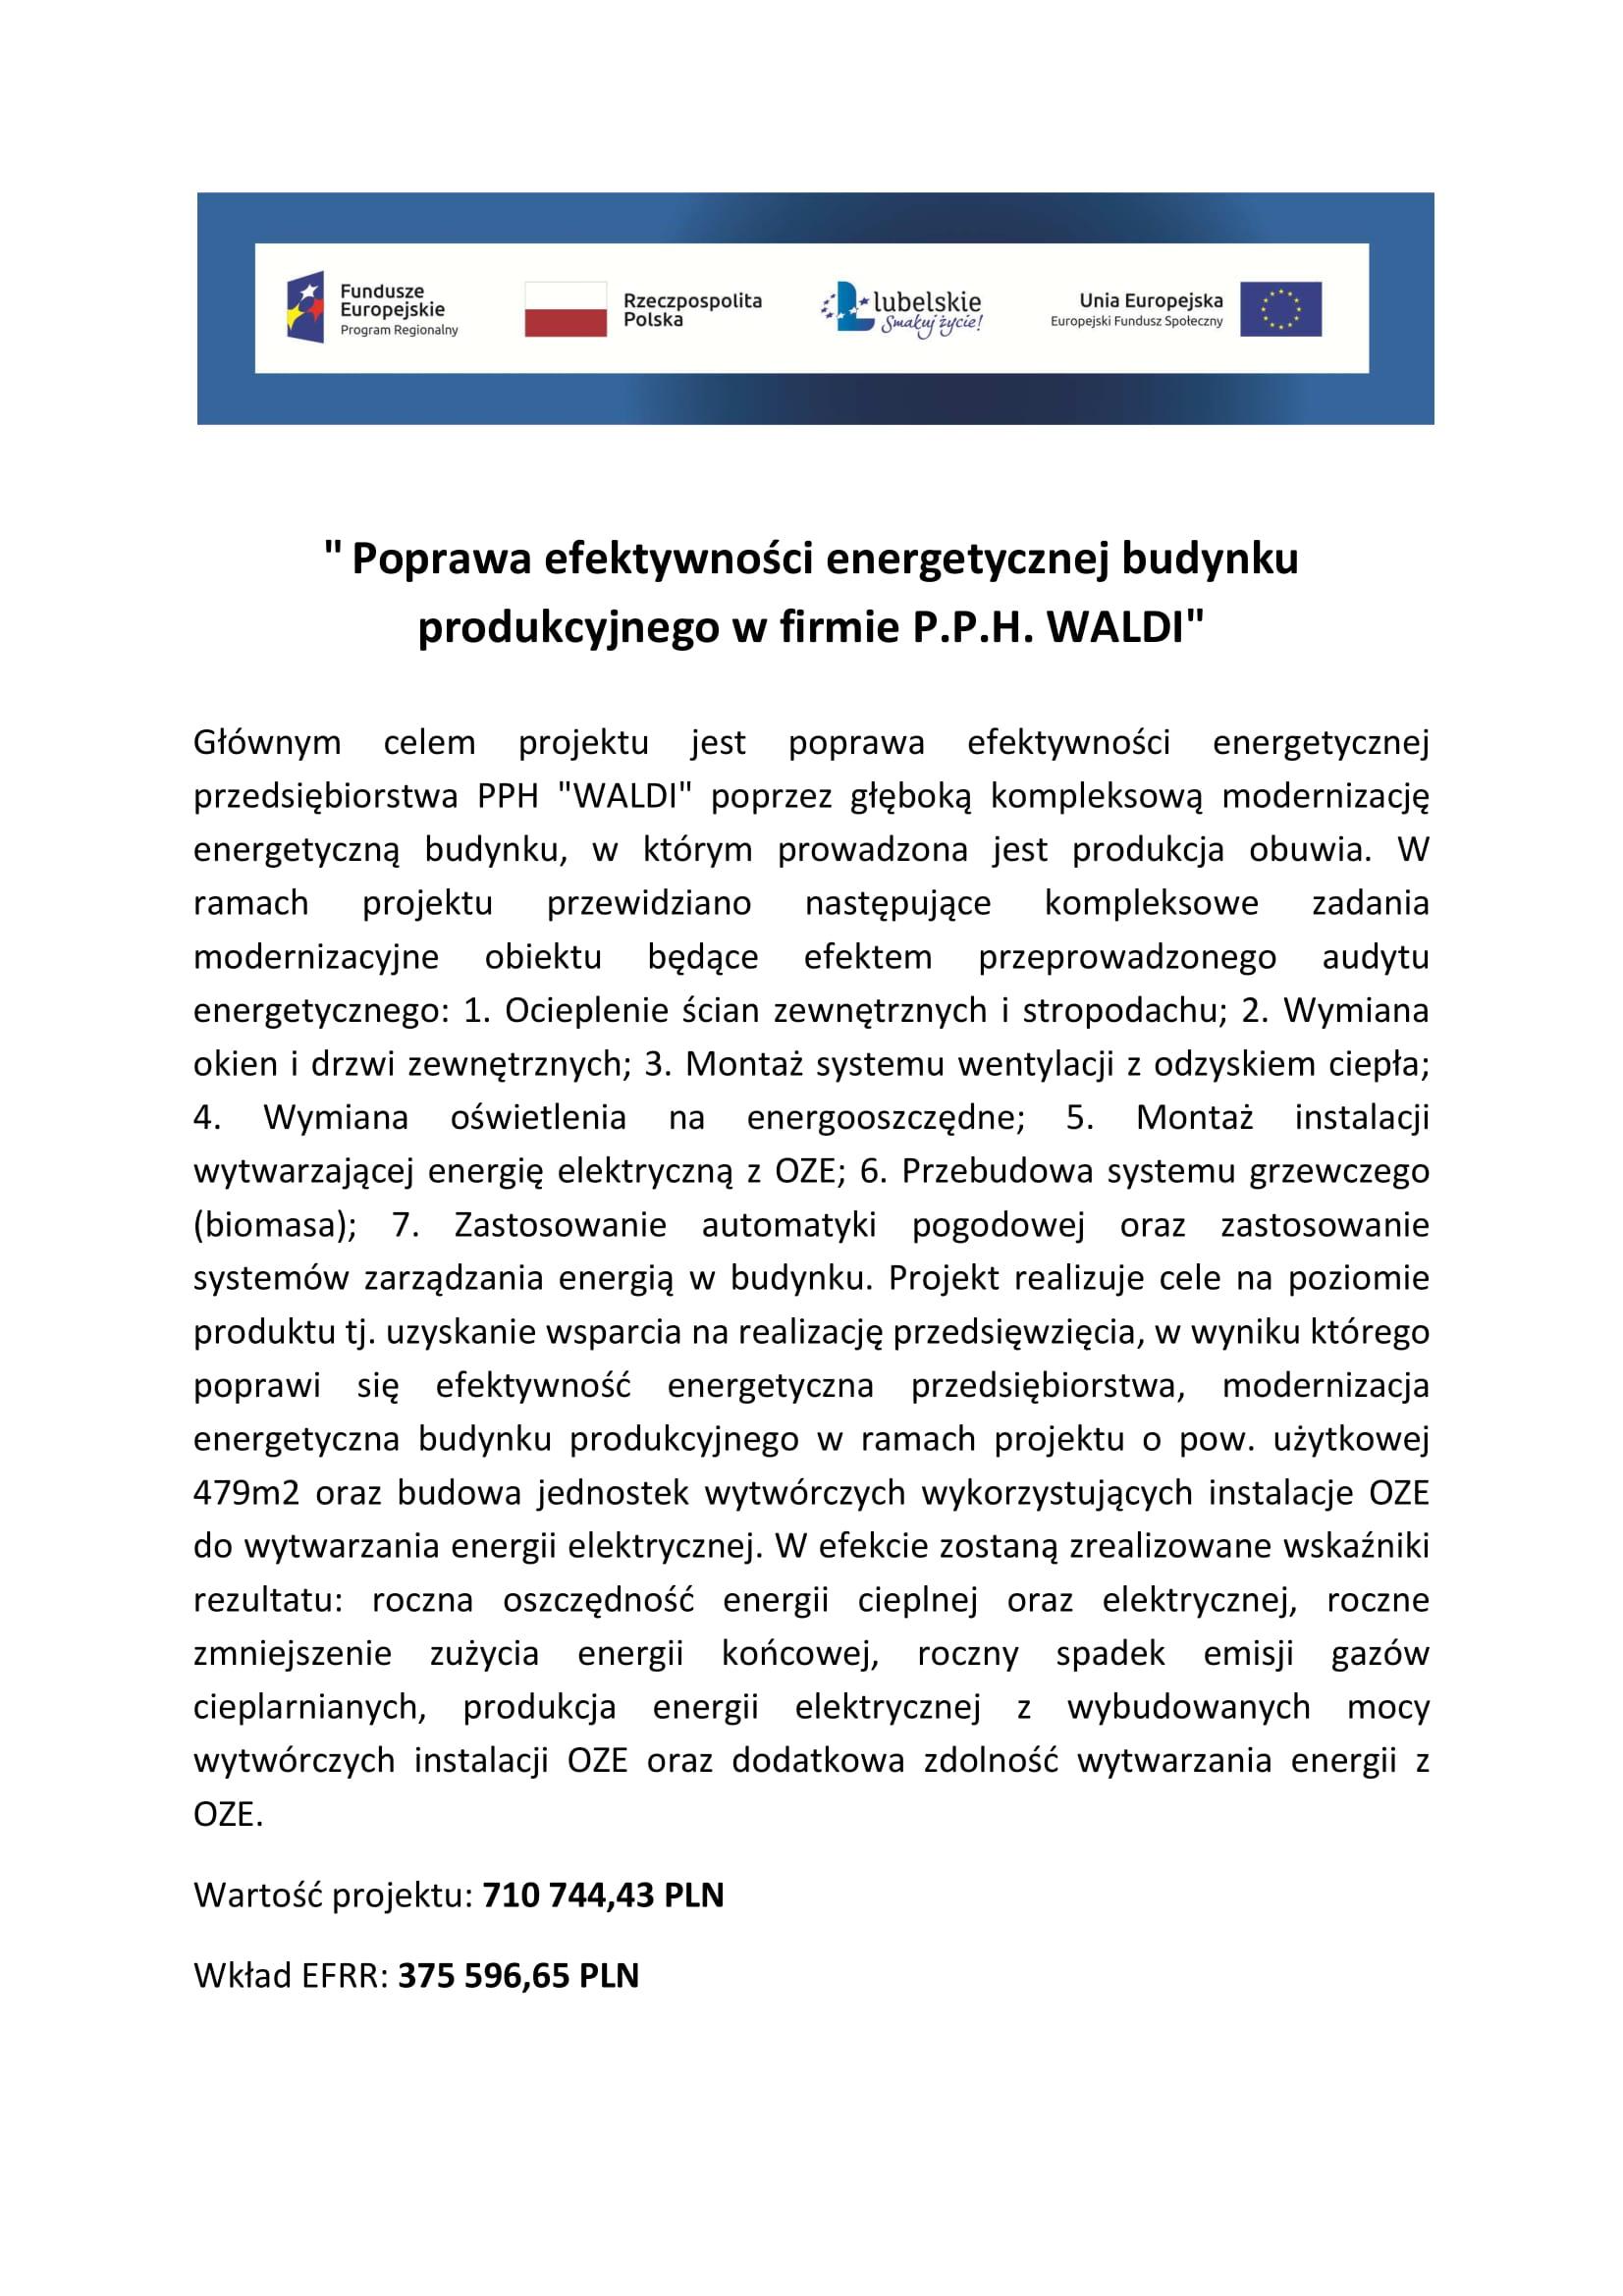 bc516c3d9a99d Firma wzięła udział w projekcie w ramach Regionalnego Programu Operacyjnego  dla Województwa Lubelskiego na lata 2007-2013.